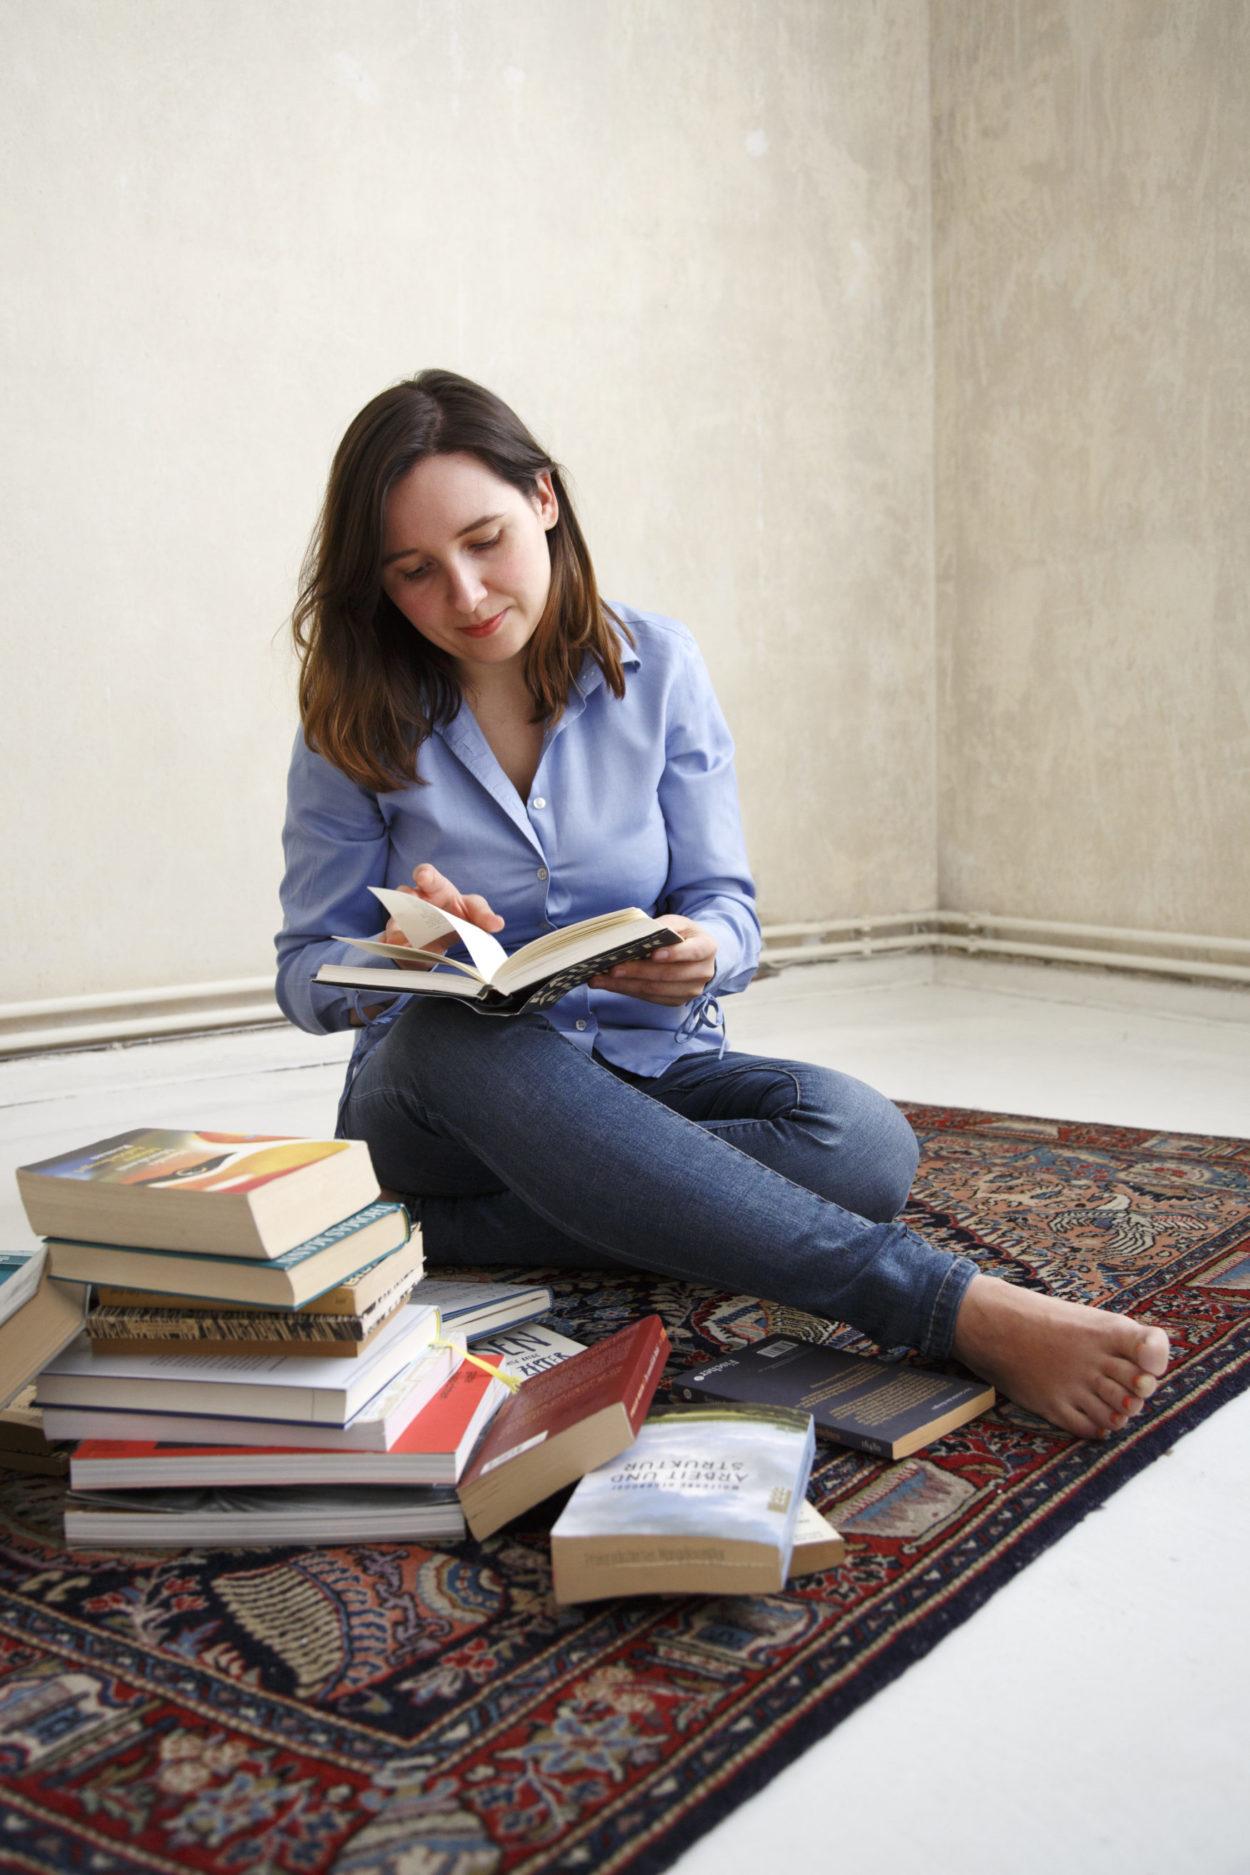 """Trude Schneider: """"Literaturpower"""" ist die erste deutschsprachige Plattform für bibliotherapeutische Inhalte"""